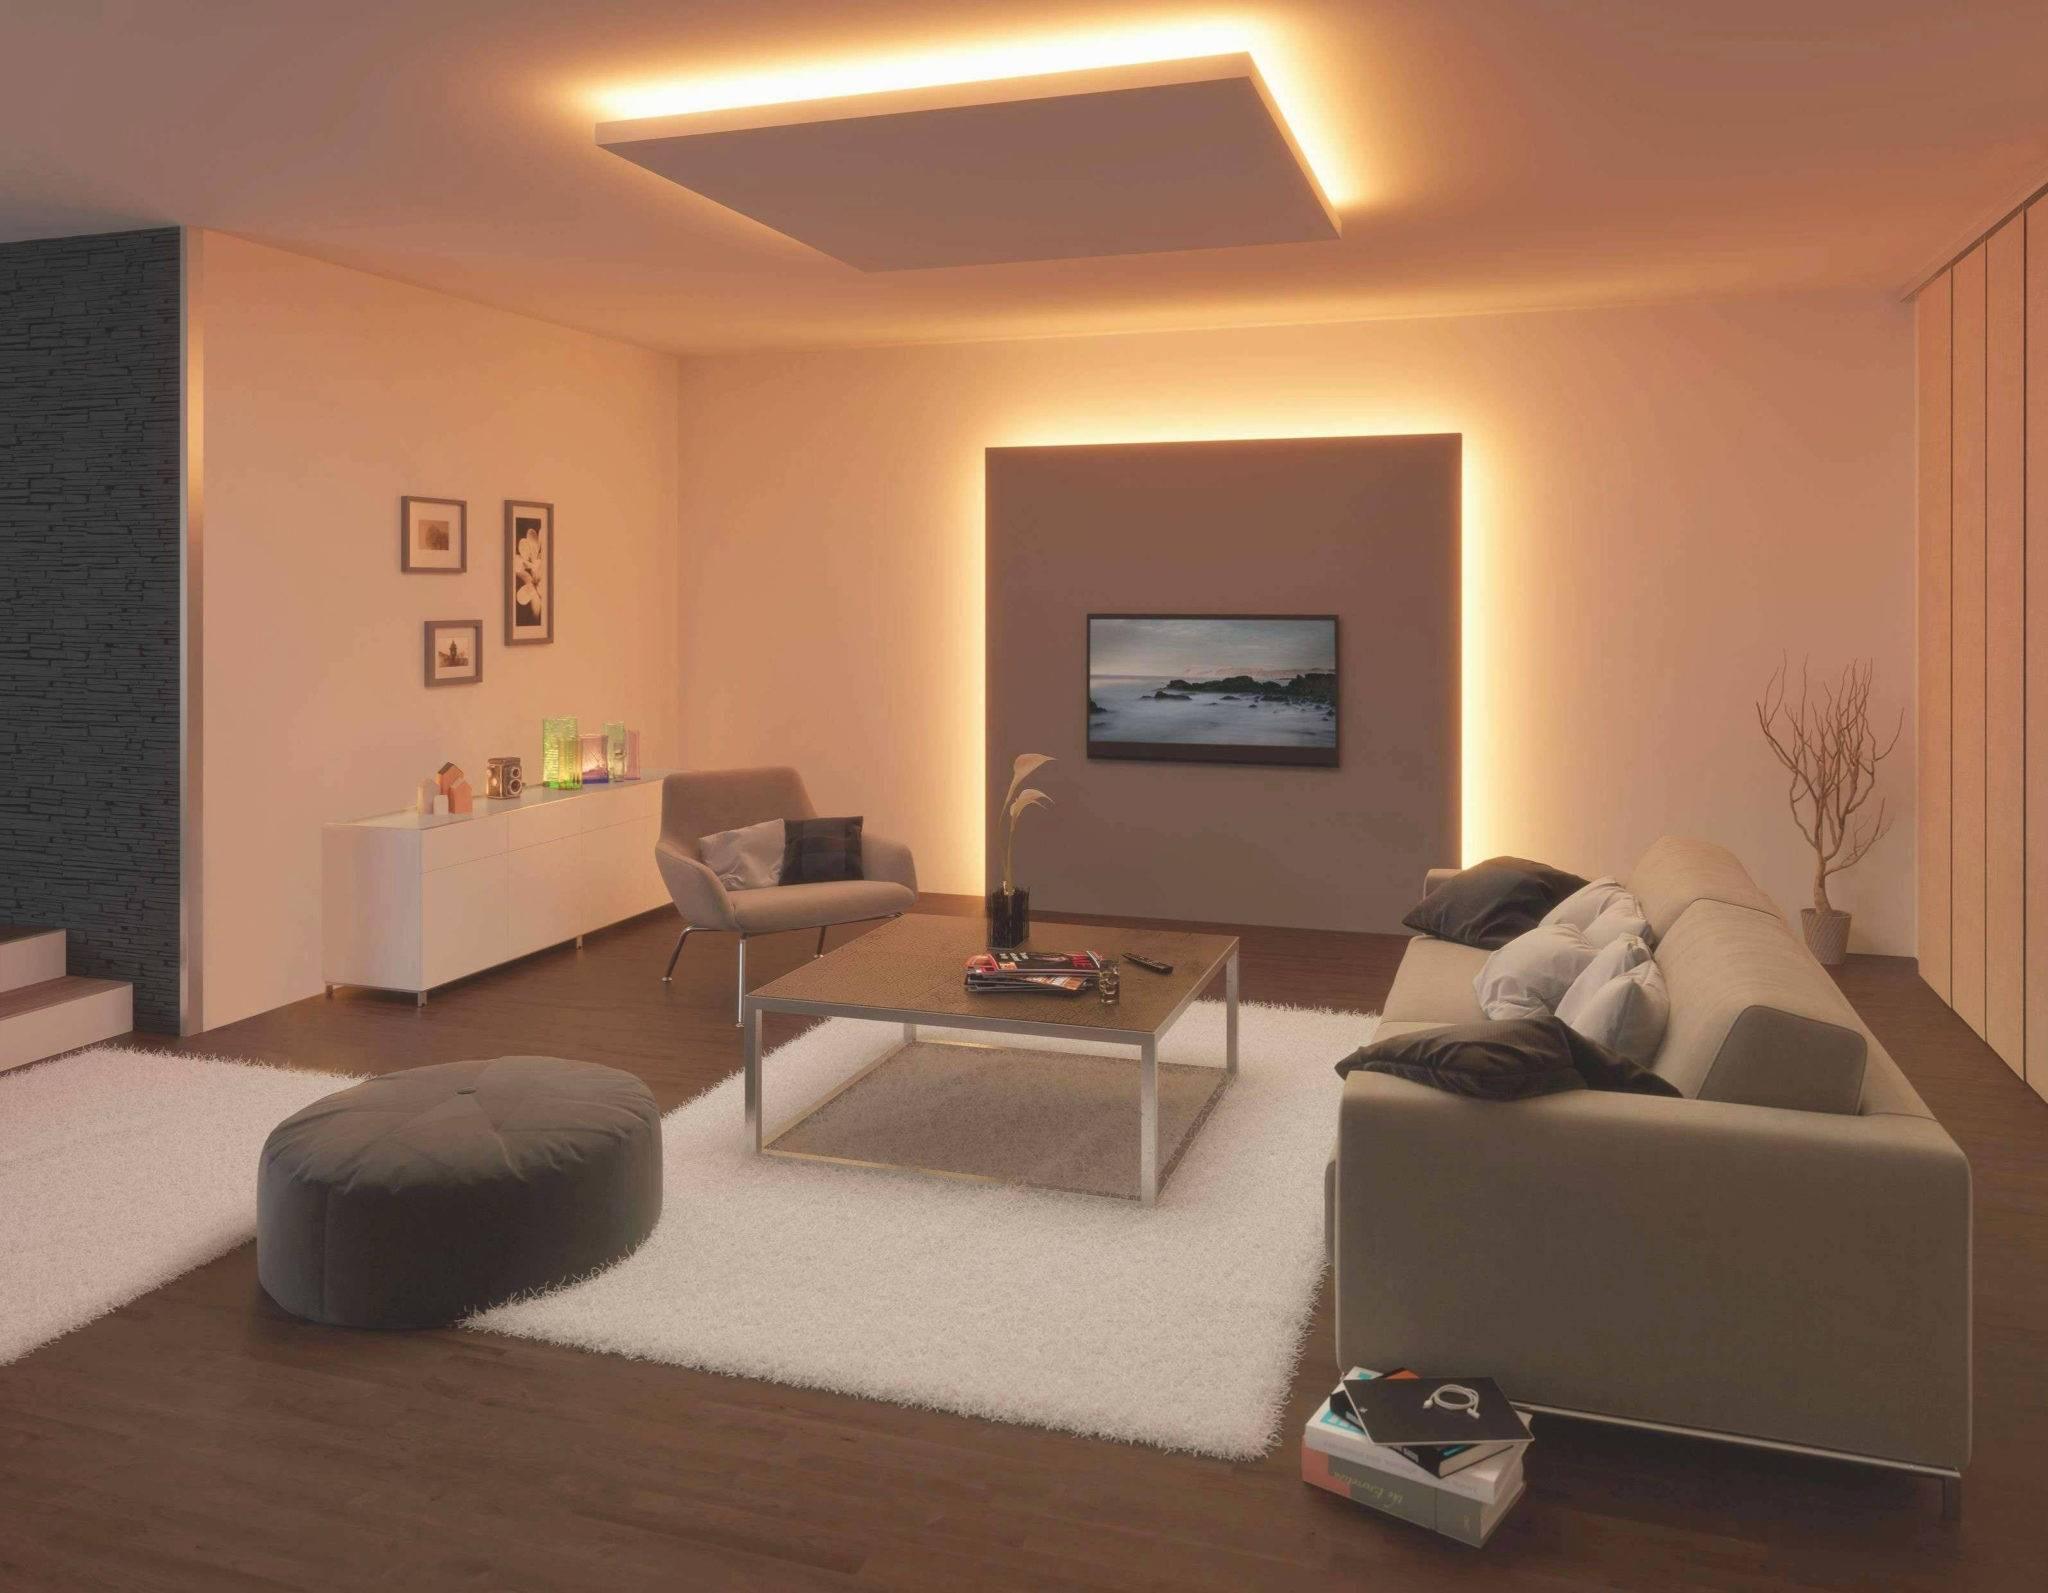 kerzen deko wohnzimmer unique inspirierend schlafzimmer deko wand of kerzen deko wohnzimmer